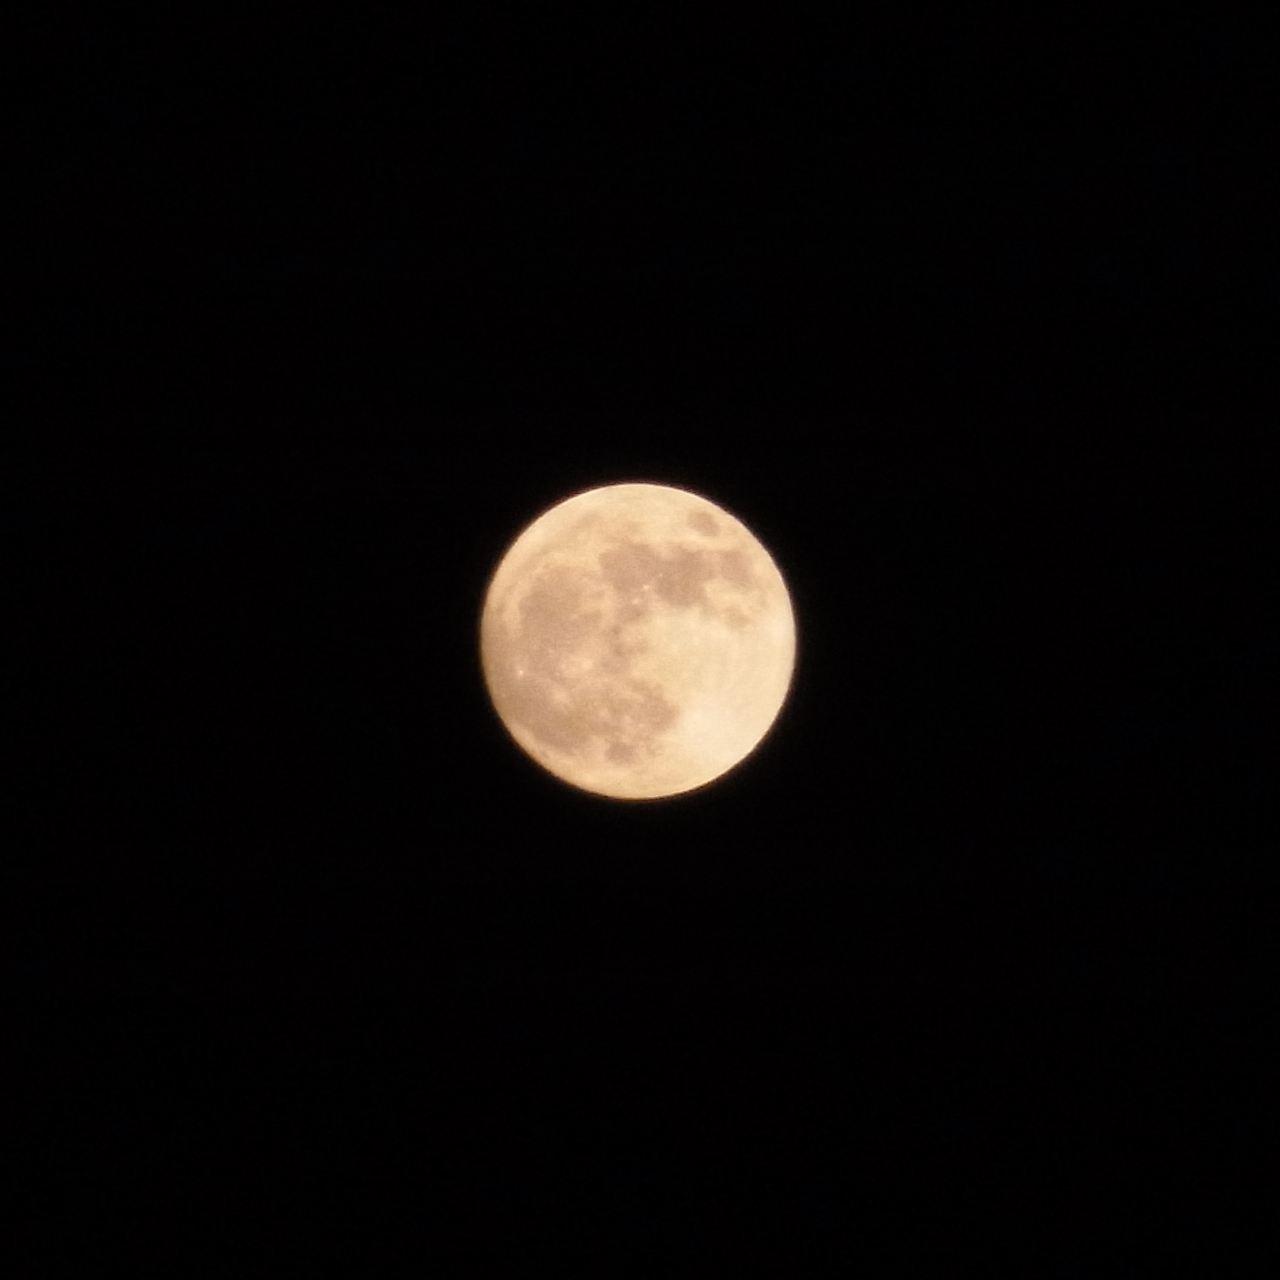 1000万画素のコンデジで300mm相当までズームして撮影し、満月部分... 今宵は満月が大きい